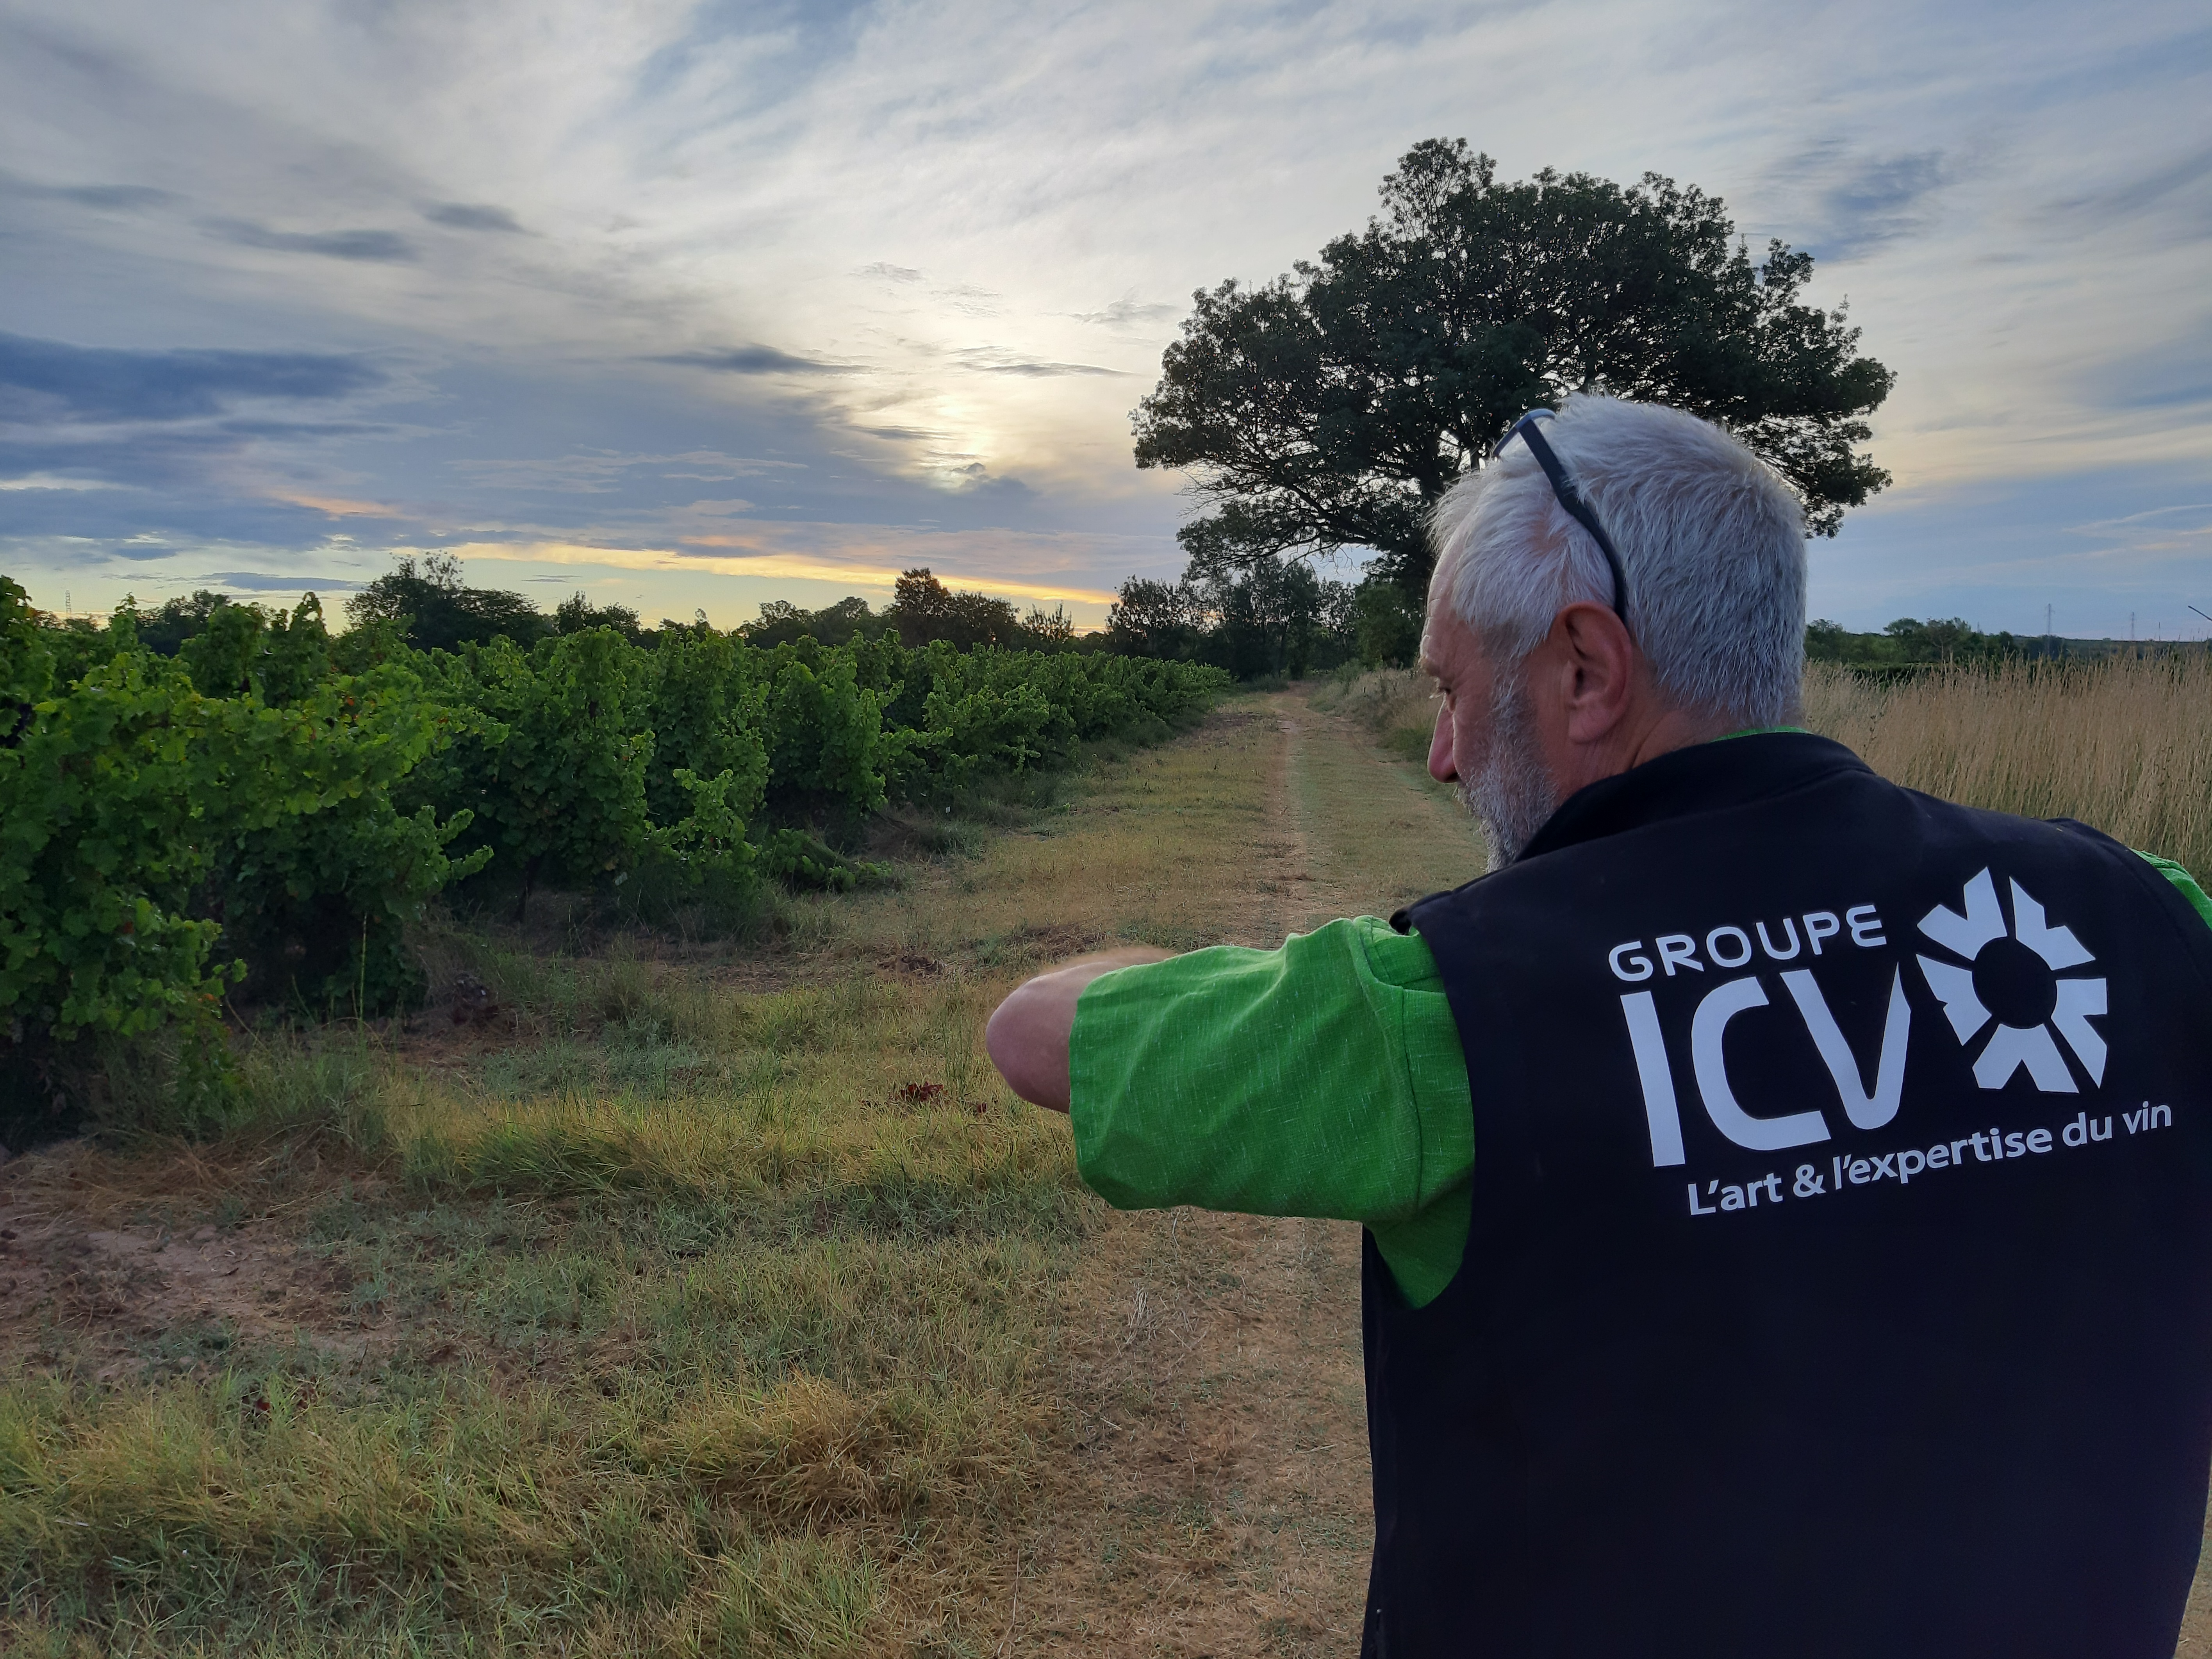 Et si vous suiviez une journée avec la R&D ICV en pleines vendanges?